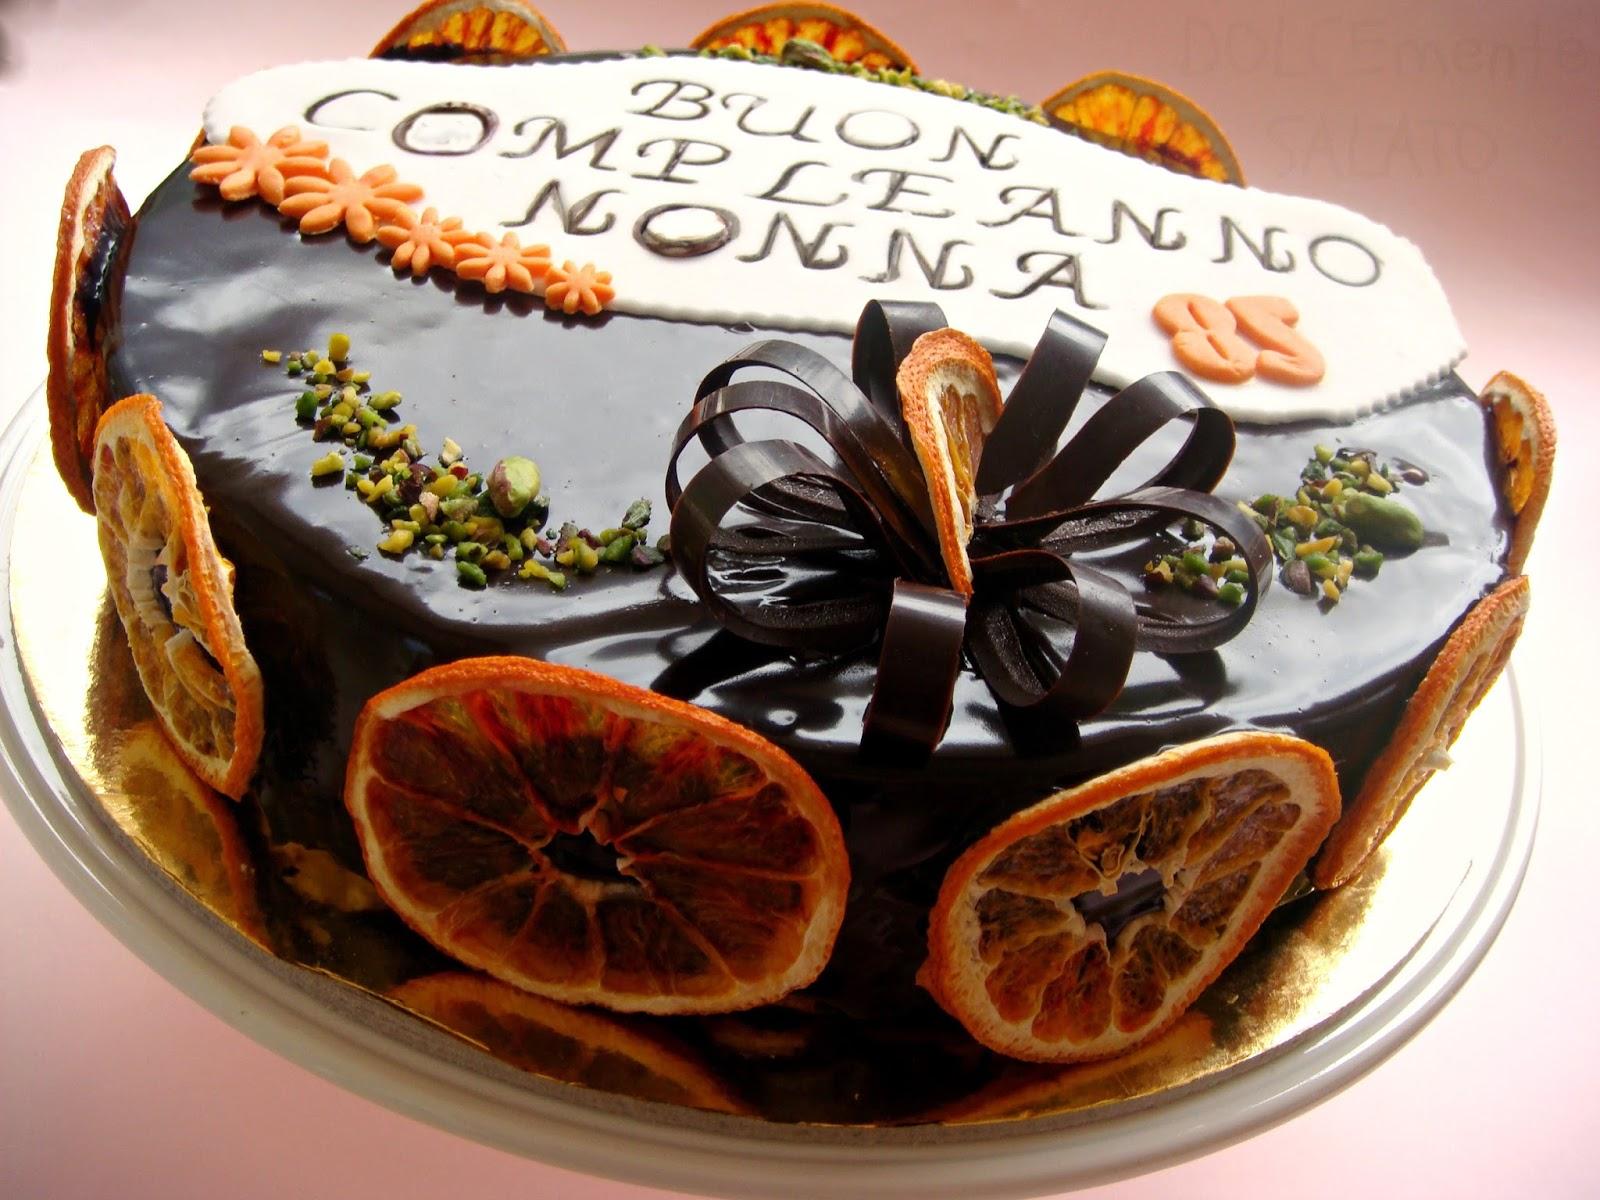 Dolcemente salato glassa a specchio di faggiotto - Glasse a specchio alla frutta ...